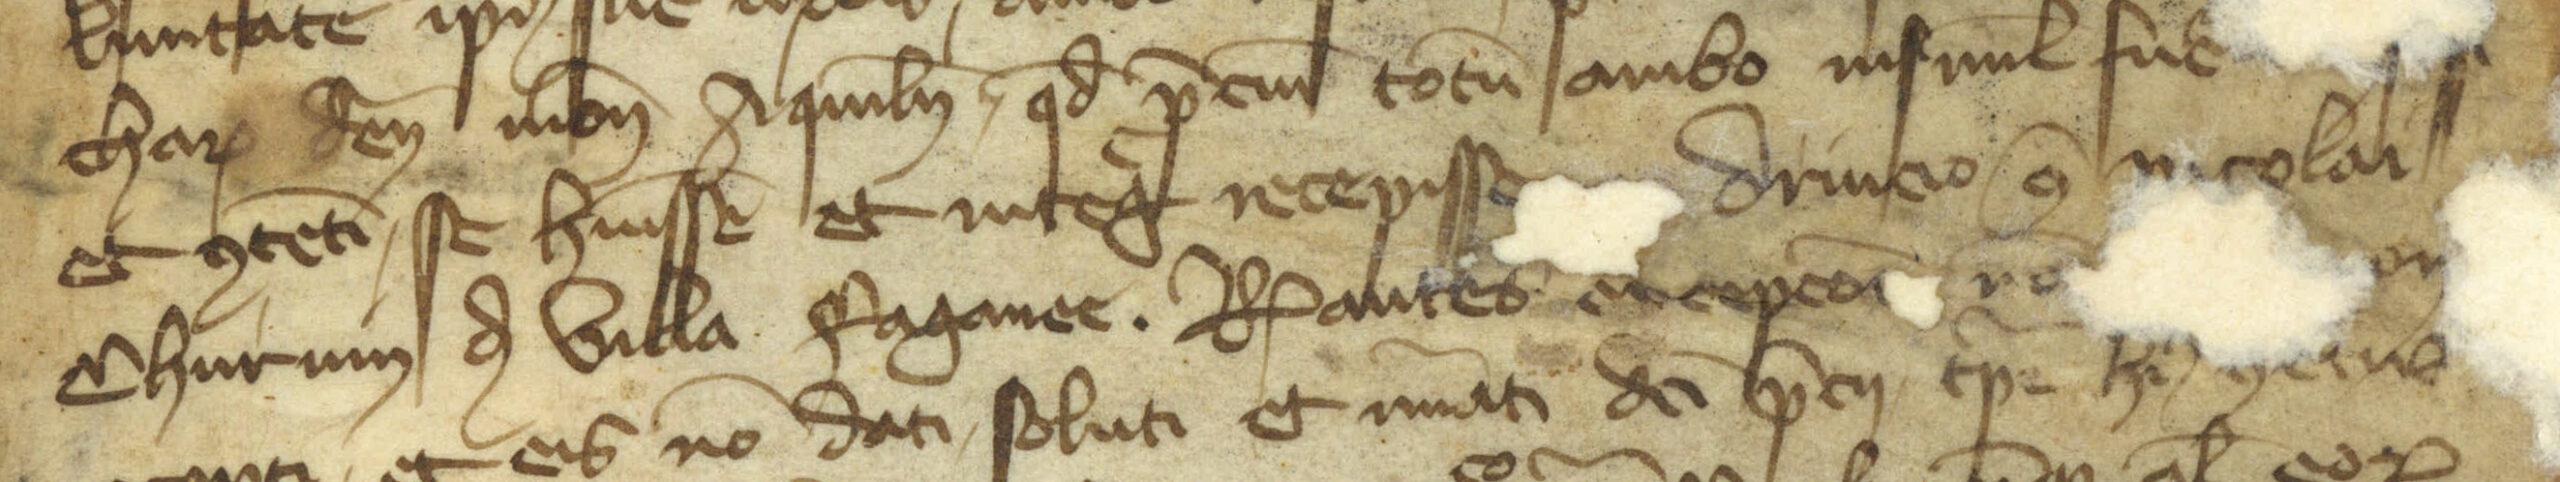 Pergamena del 28 ottobre 1395 nella quale si evince che Nicolò Corvino (Churvin) della Villa di Fagagna era già morto. dall'Archivio del Dott. Alberto Asquini